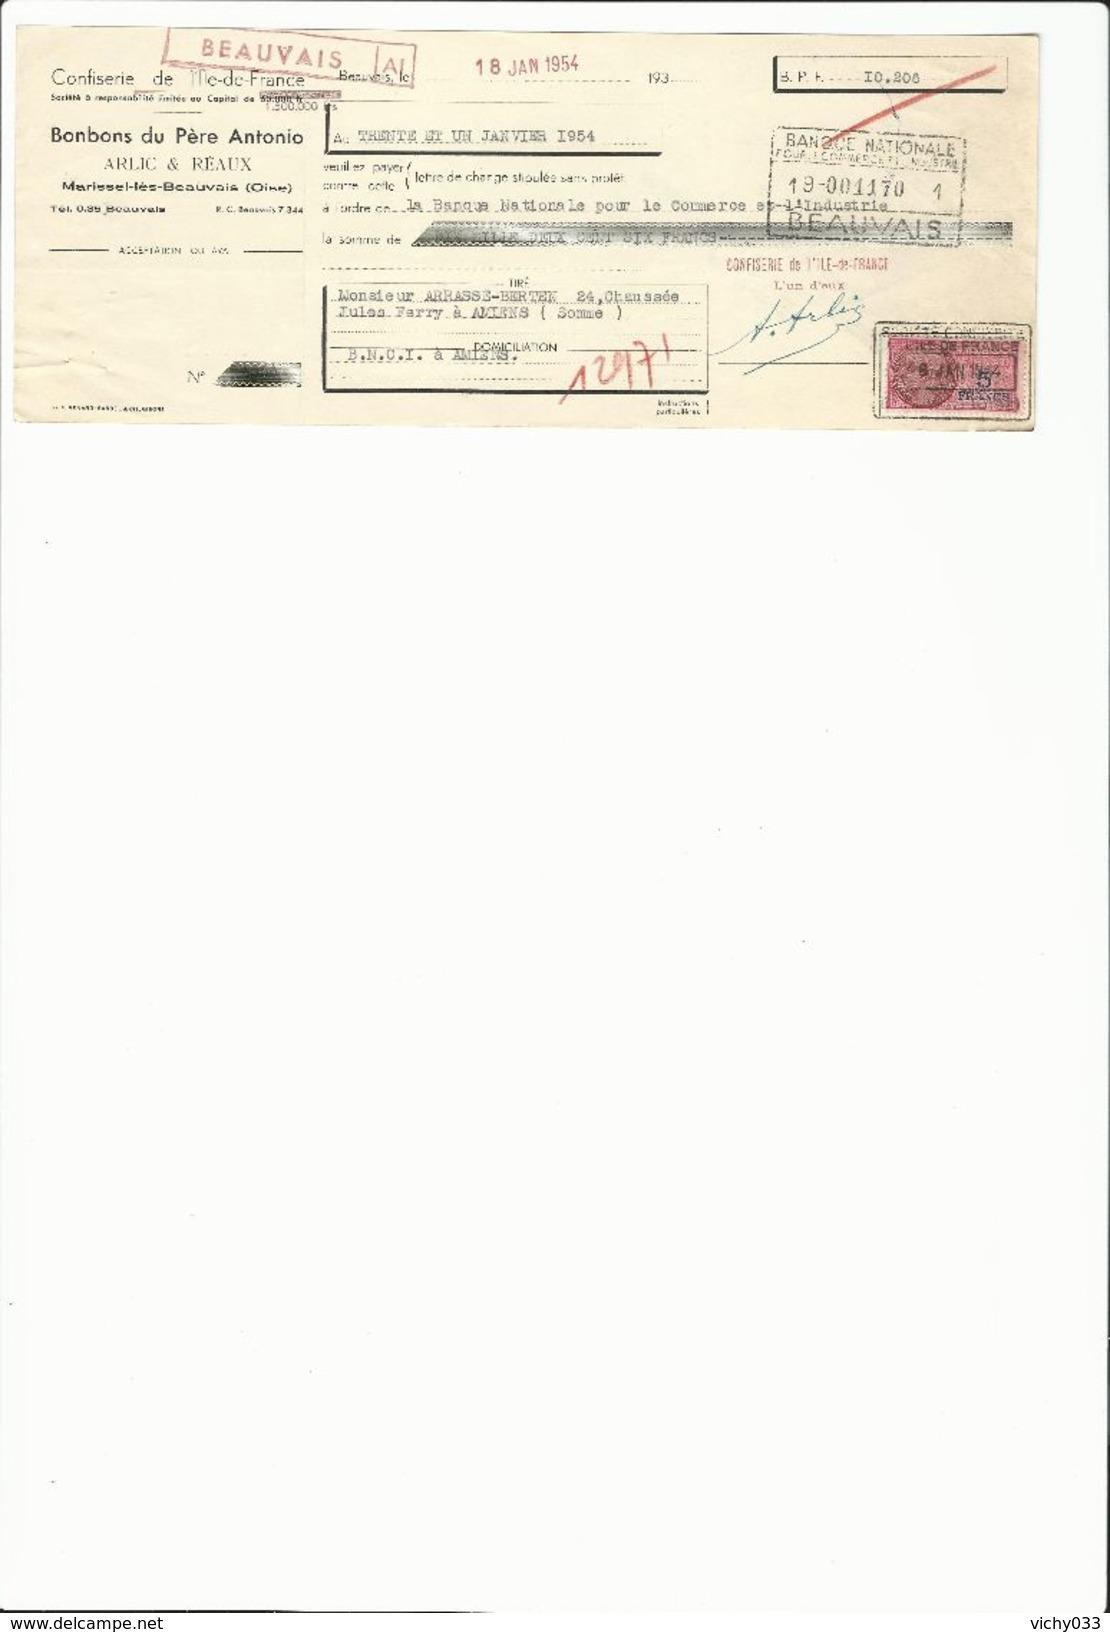 Ref 56/ 60, Beauvais, Marissel Les Beauvais, Alric Et Réaux, Bonbons Du Père Antonio, 1954 - Banque & Assurance